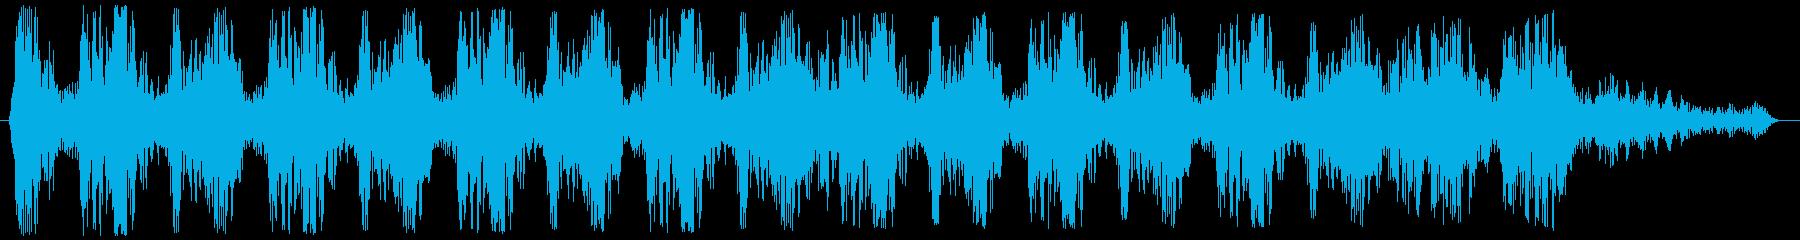 マシンガンの連射発砲音 ババババババッ!の再生済みの波形